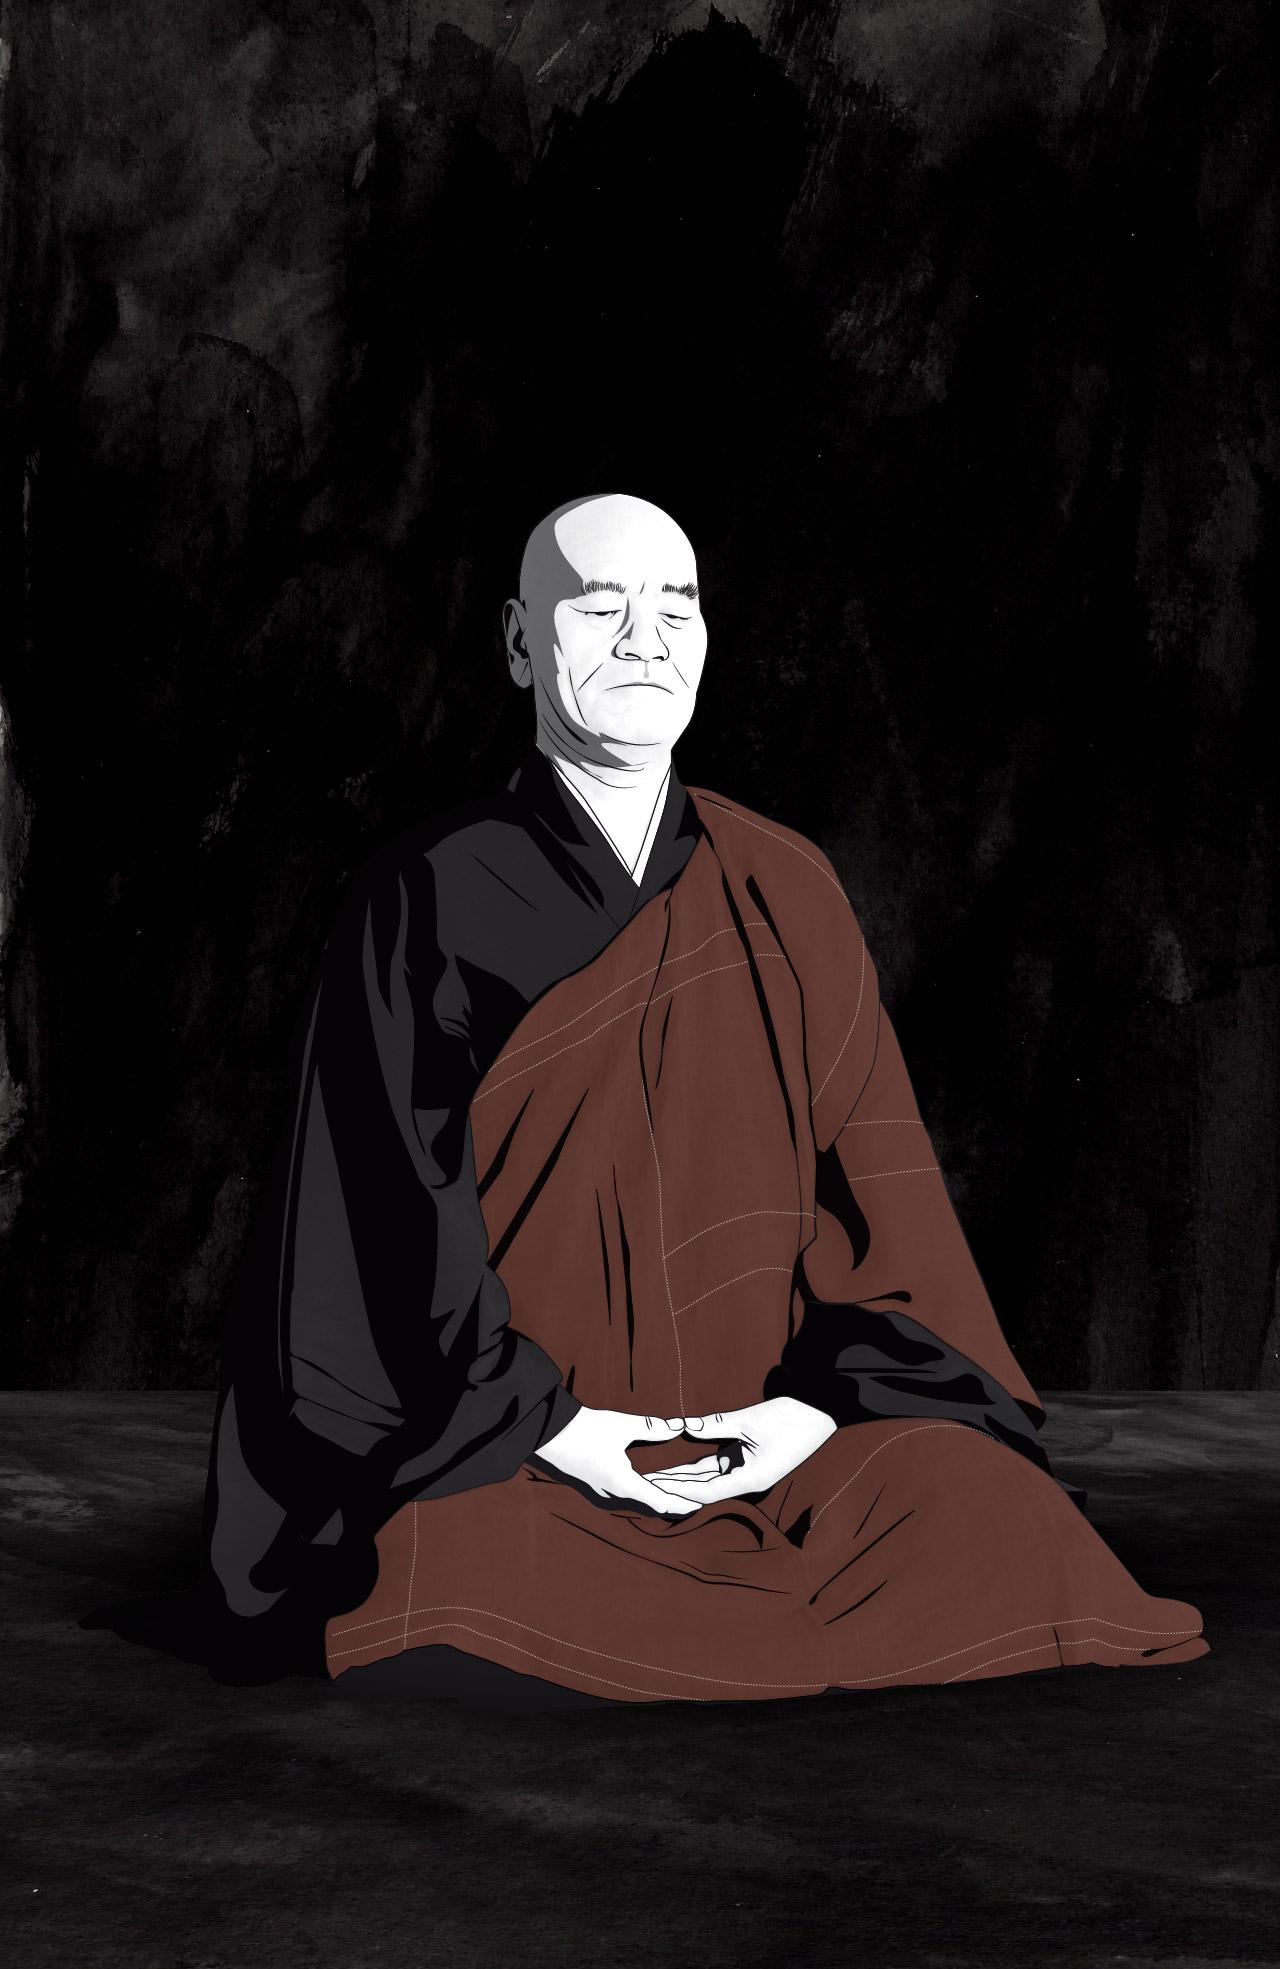 Taisen Deshimaru